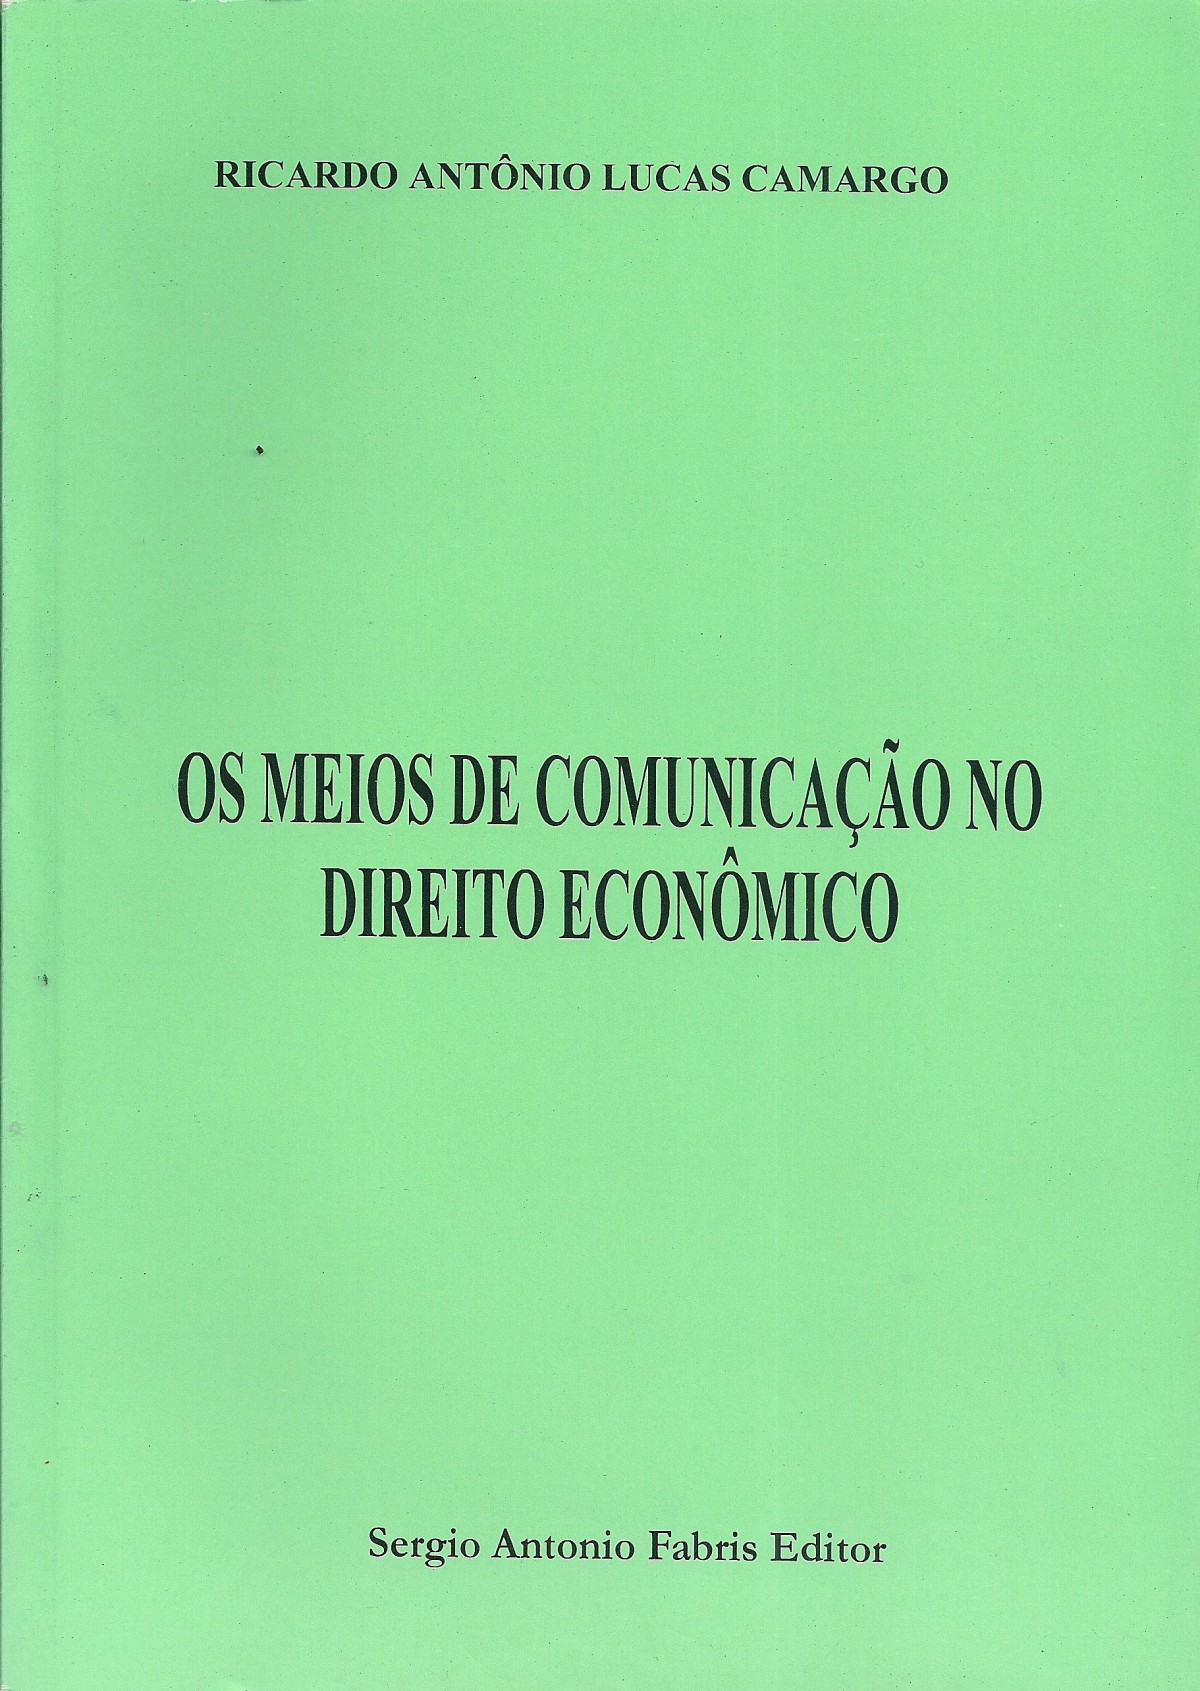 Foto 1 - Os Meios de Comunicação no Direito Econômico